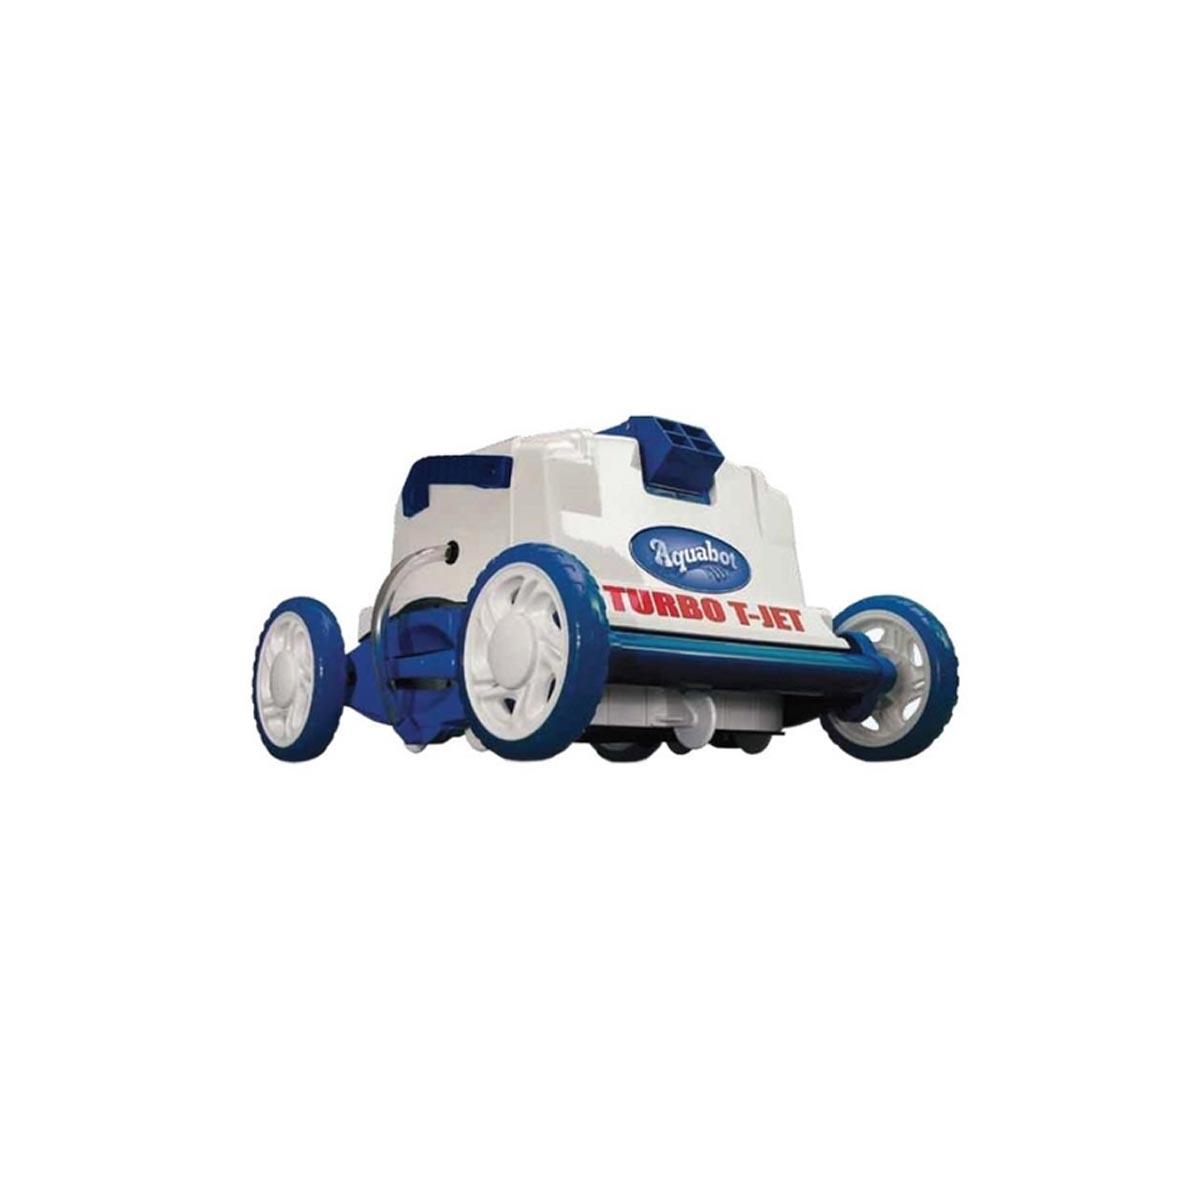 Robô de limpeza para piscina Fluidra-Turbo JET 220V